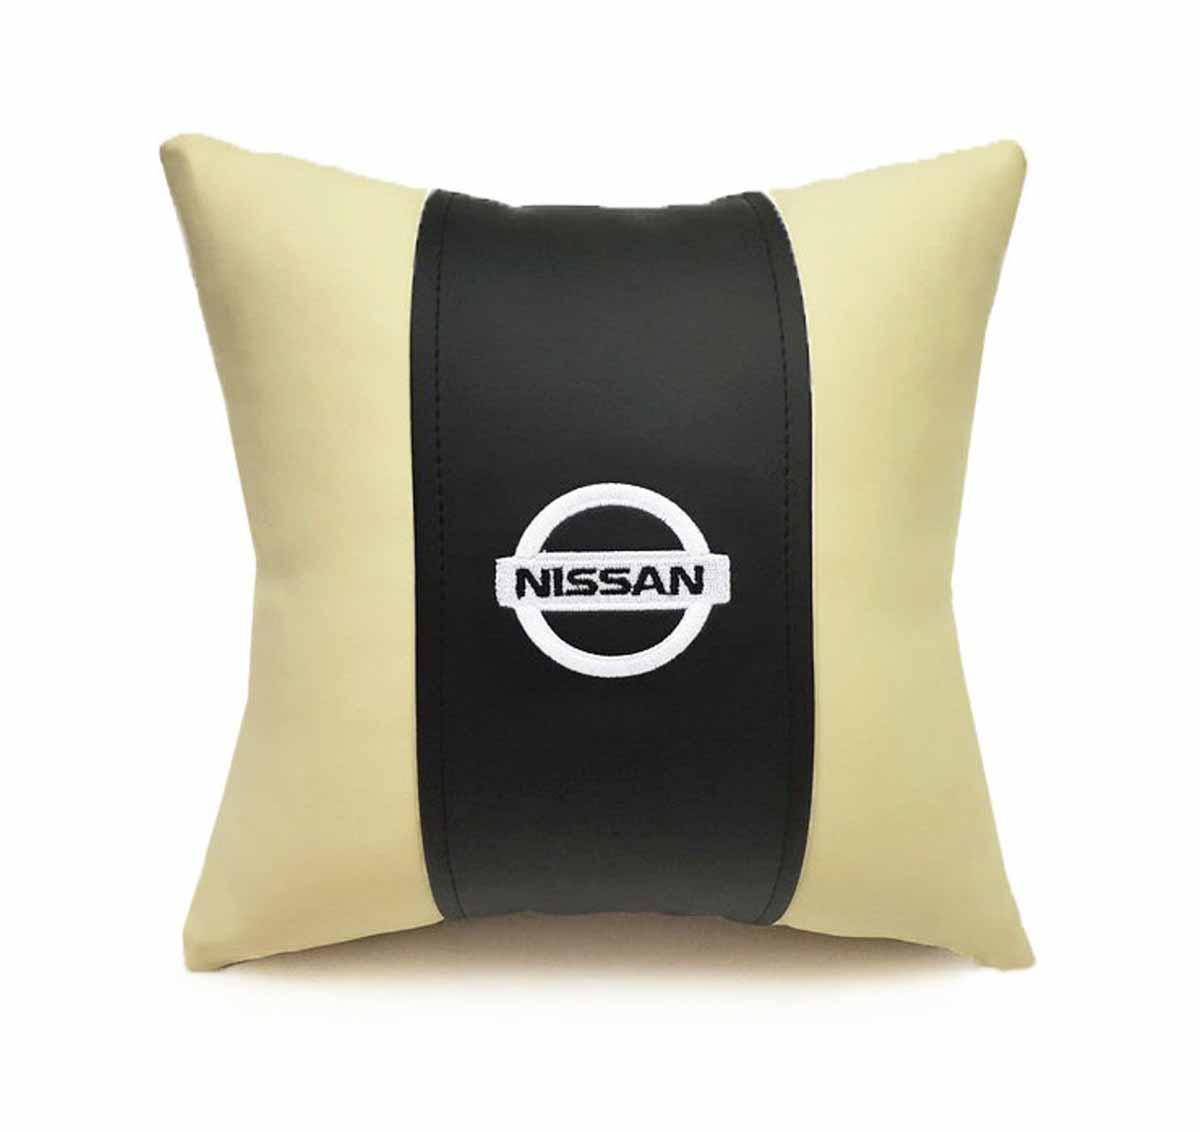 Подушка декоративная Auto Premium Nissan, цвет: черный, бежевый подушка декоративная auto premium я патриот цвет черно бежевый 37257